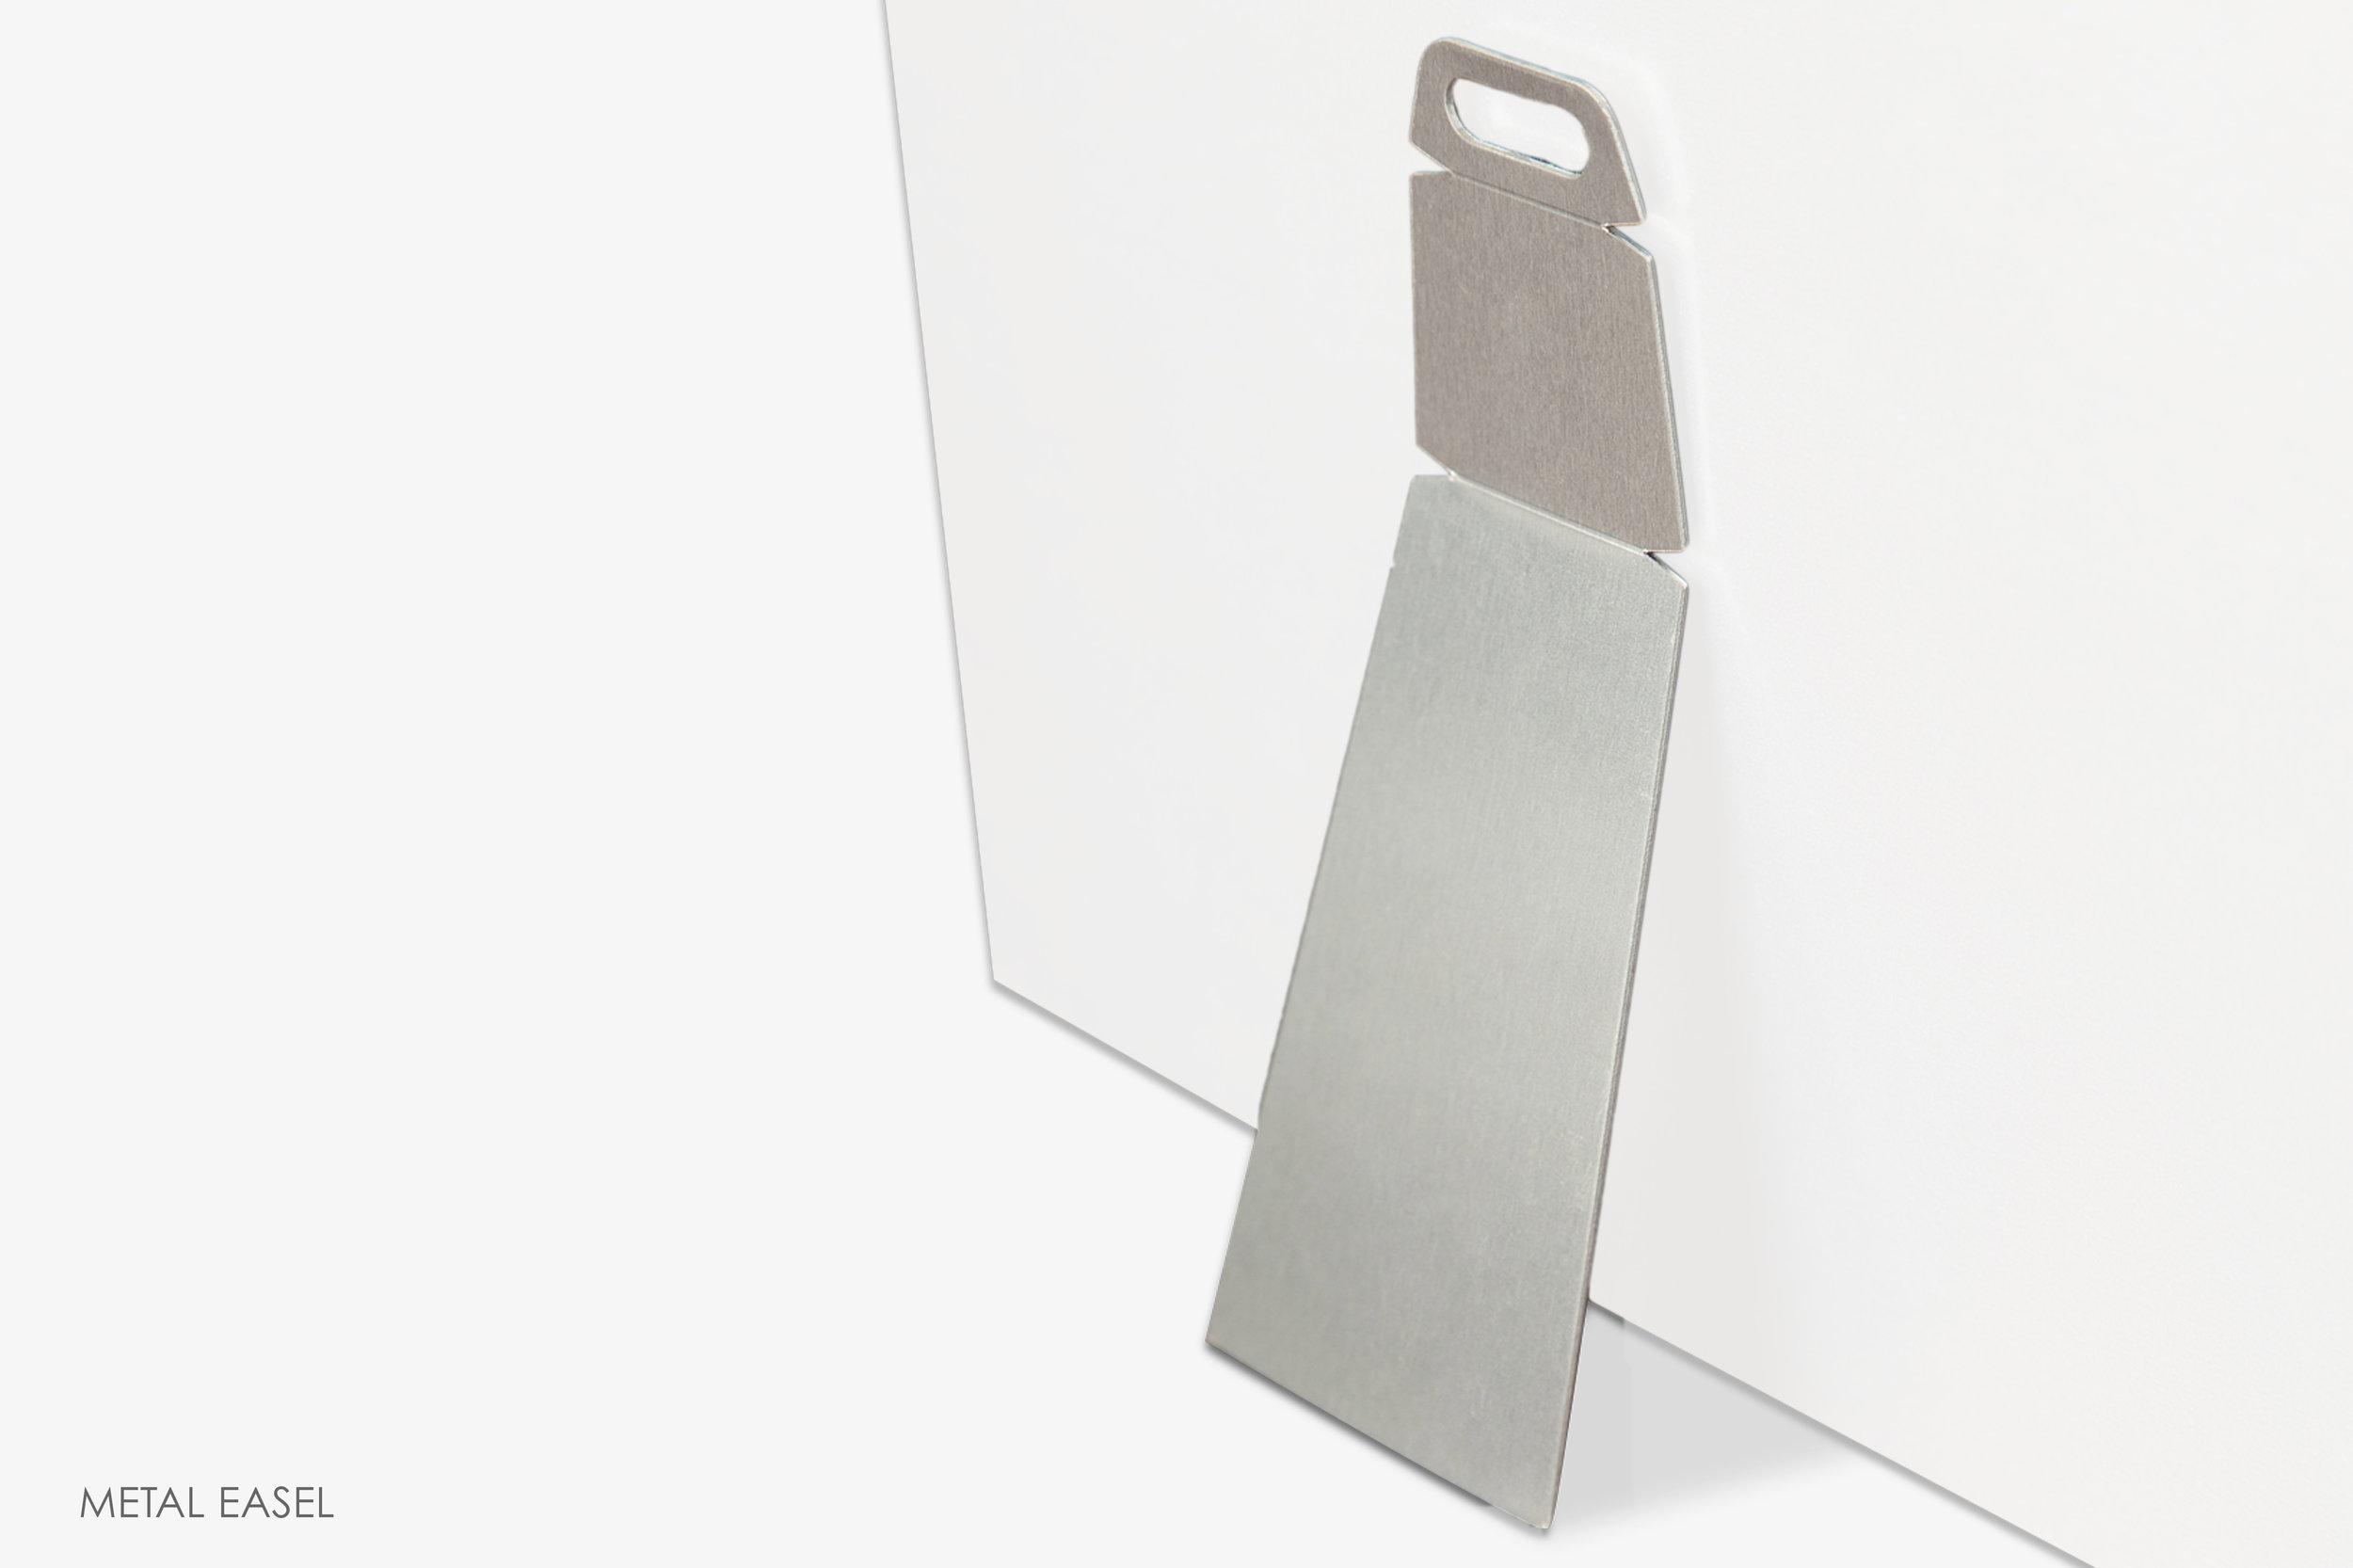 ci-metal-easel2.jpg